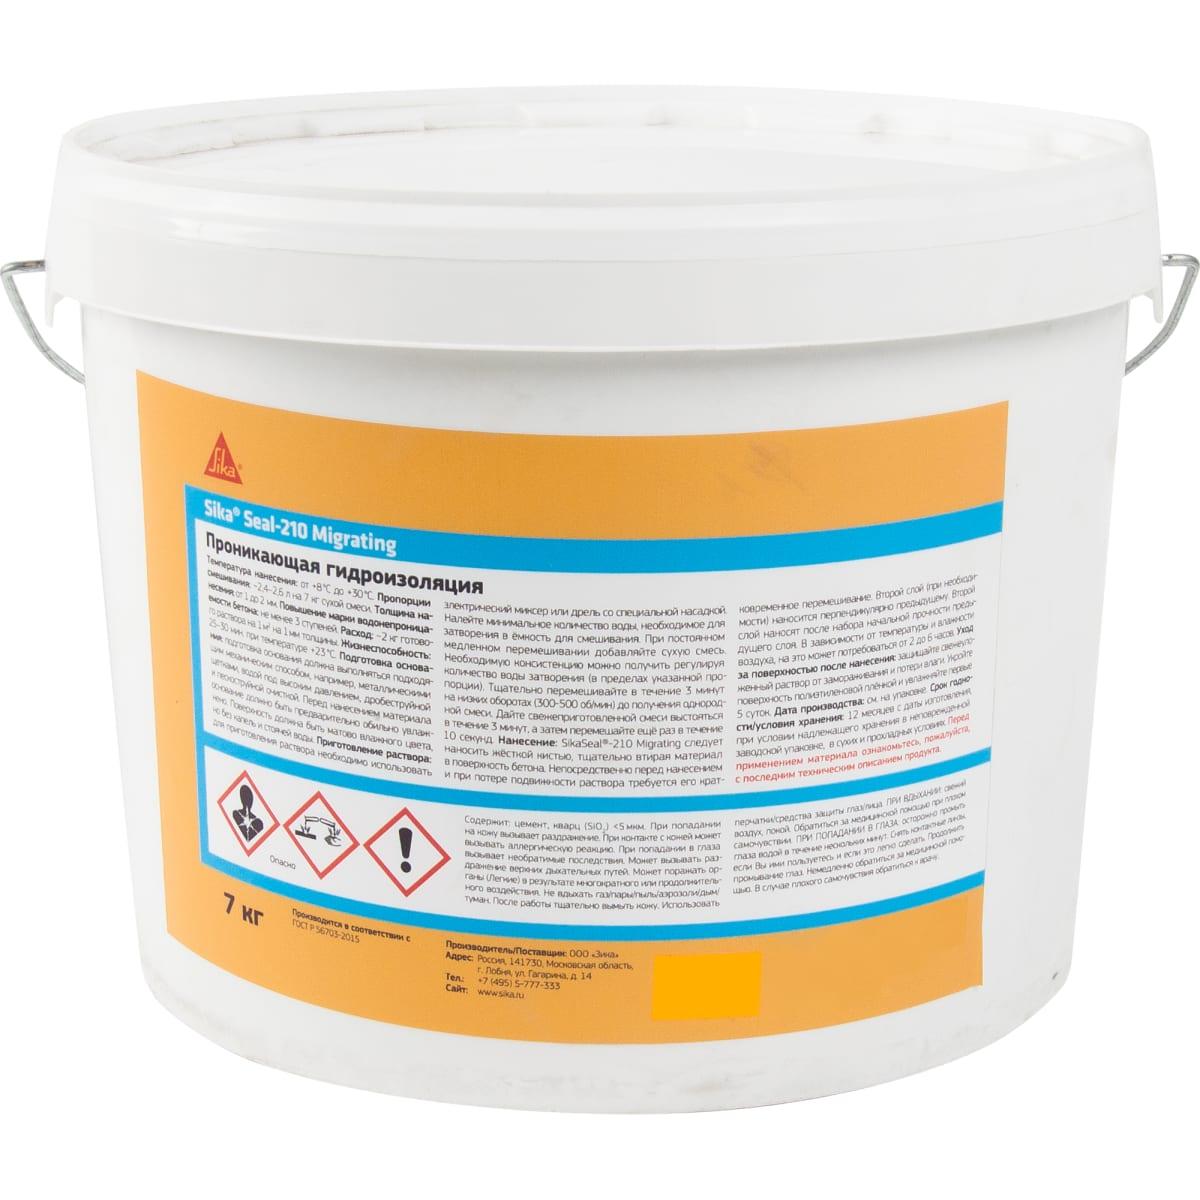 Проникающая гидроизоляция купить в леруа мерлен цена для бетона куплю бетон в вязьме